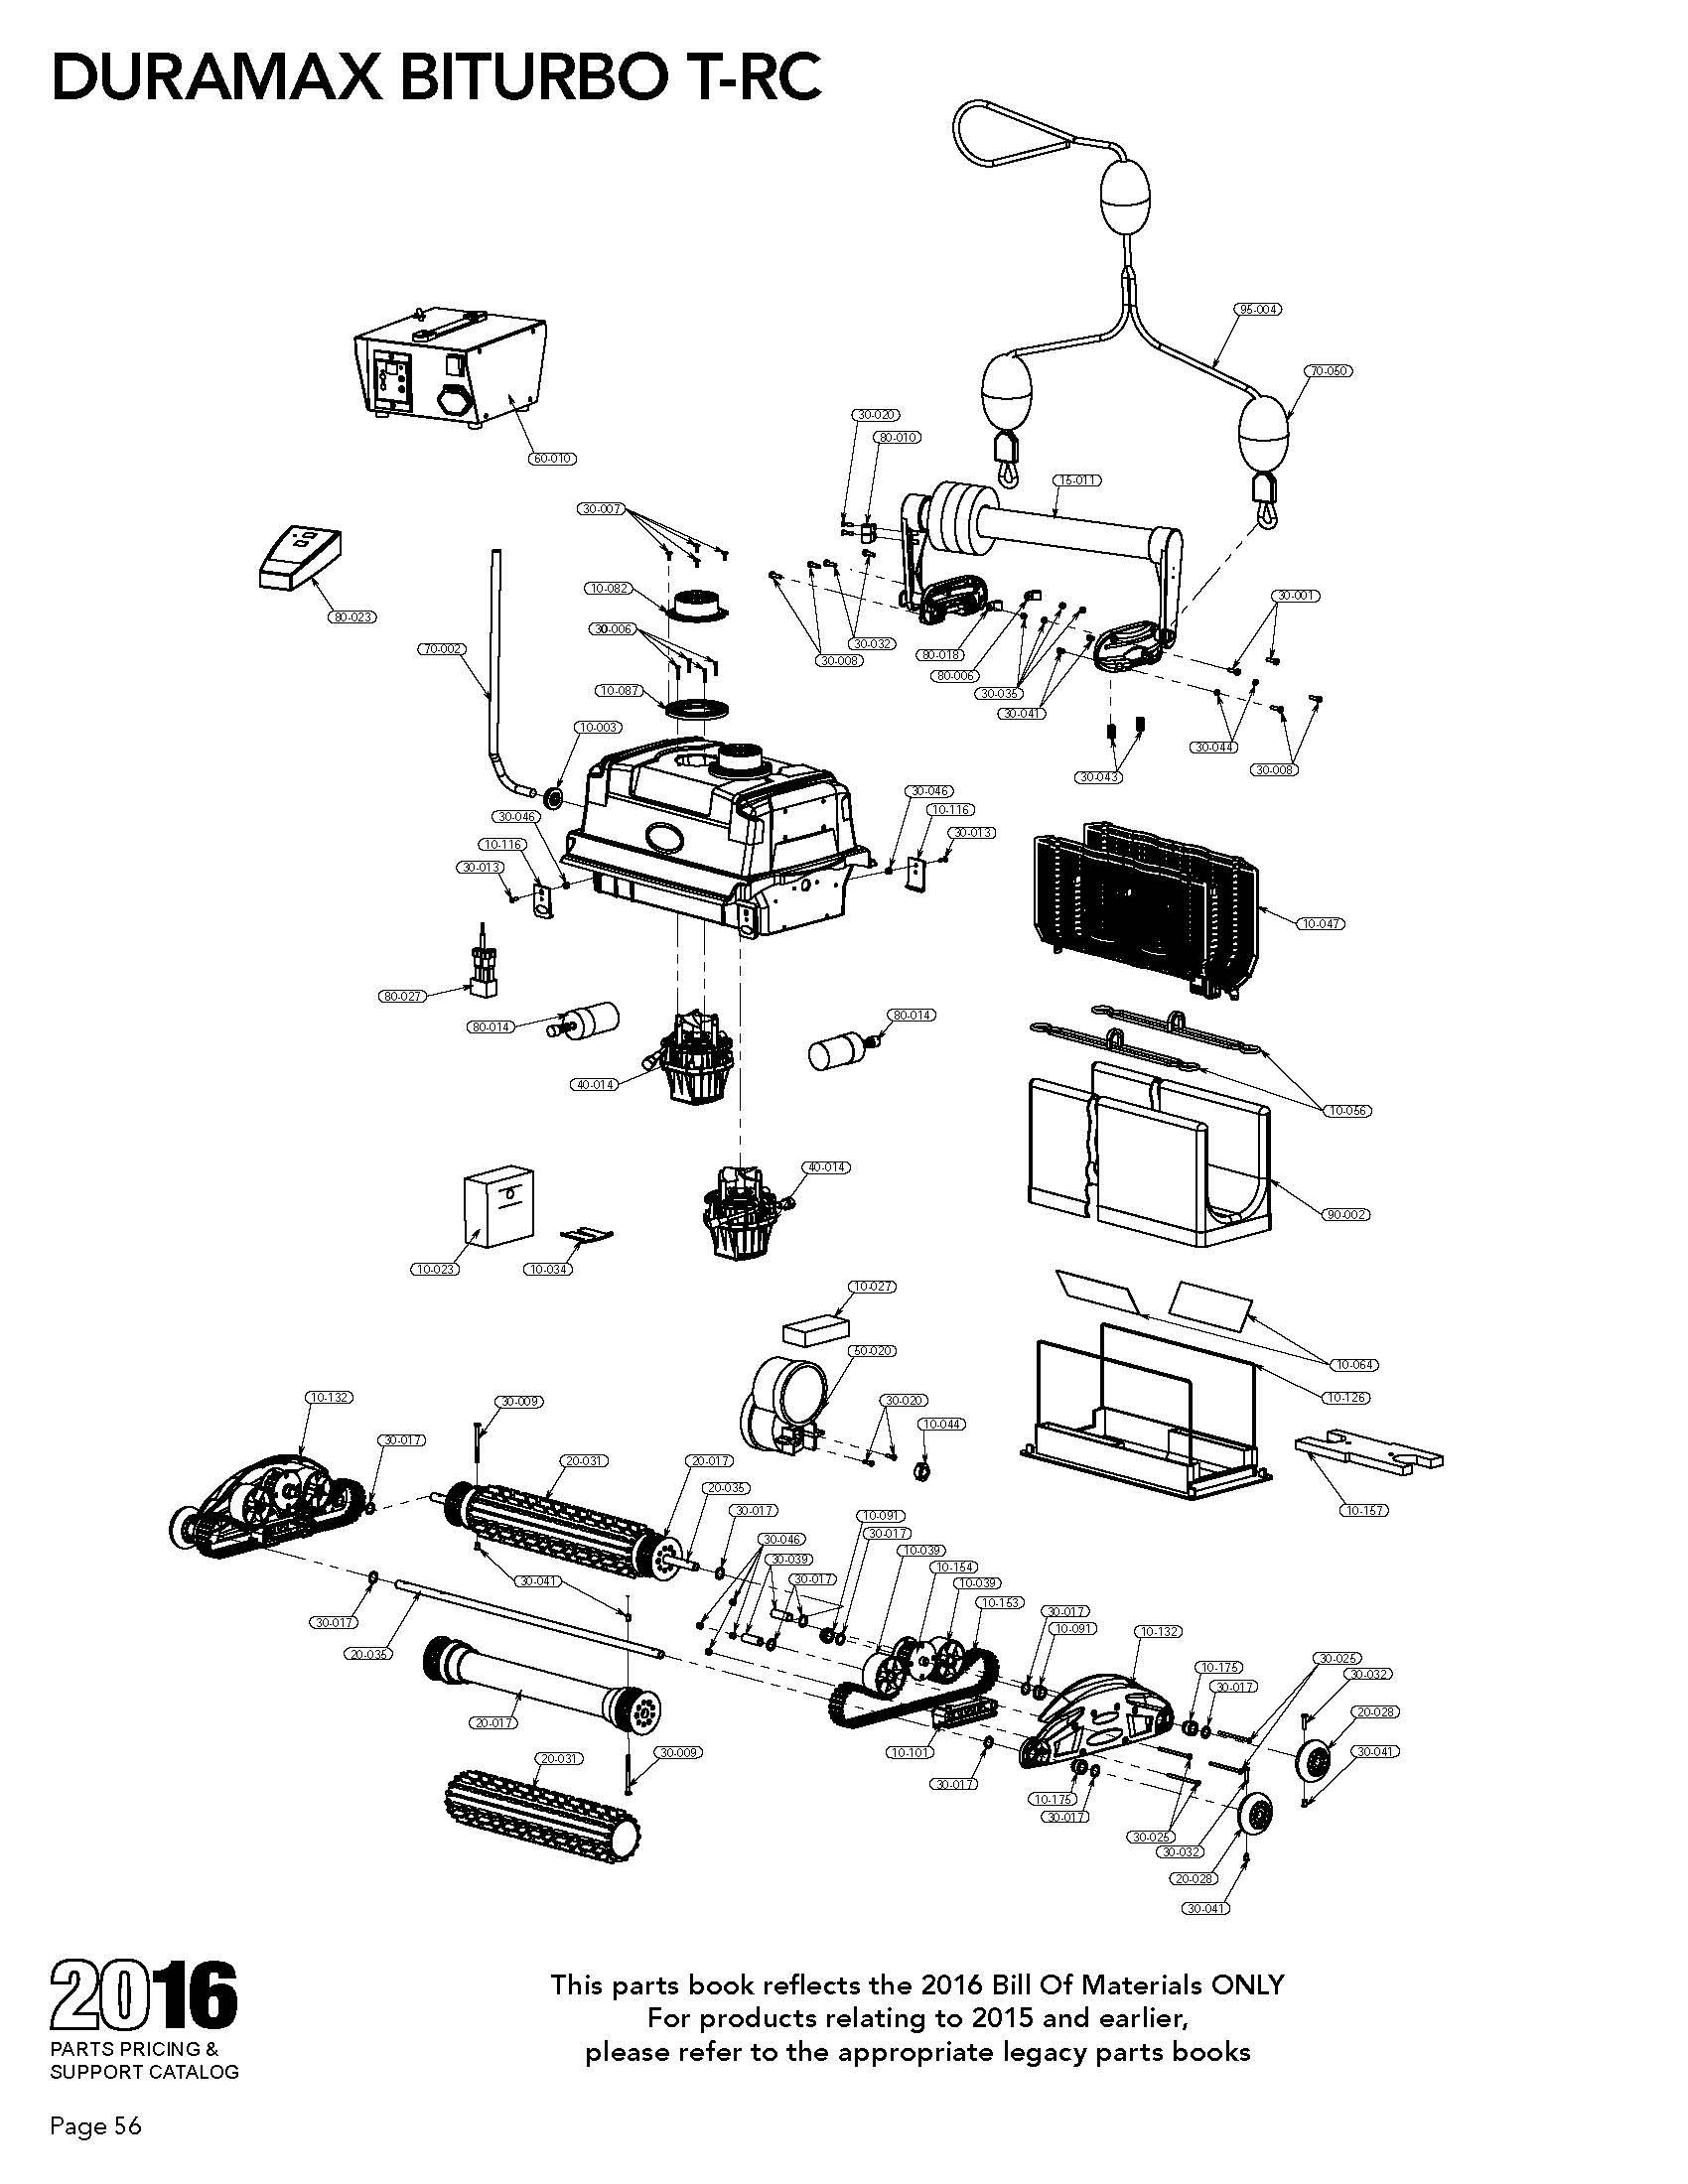 Duramax Biturbo T Rc Parts Diagram Amp Parts List